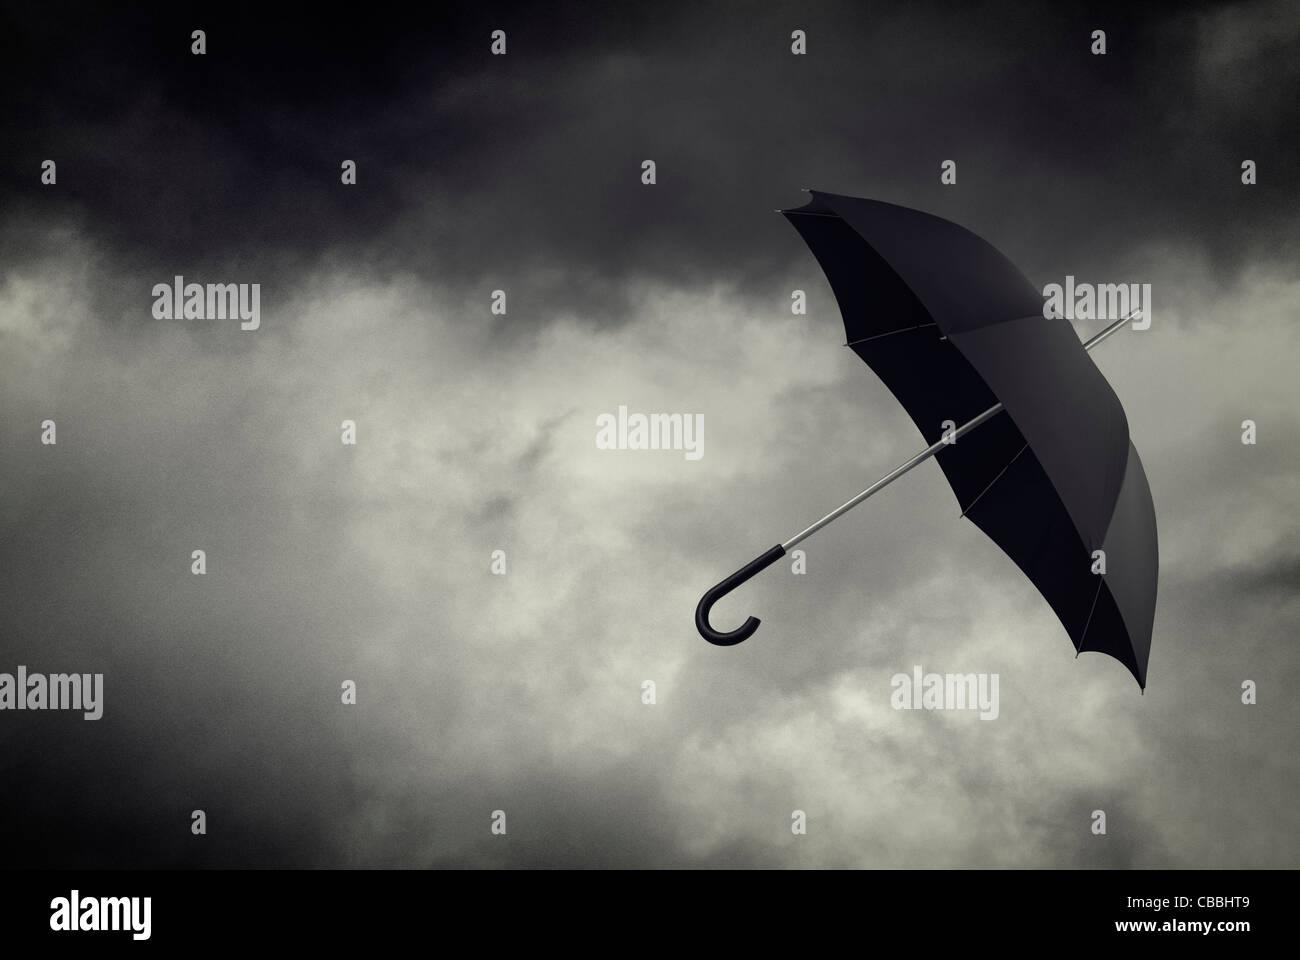 Regenschirm im stürmischen Himmel schweben Stockbild